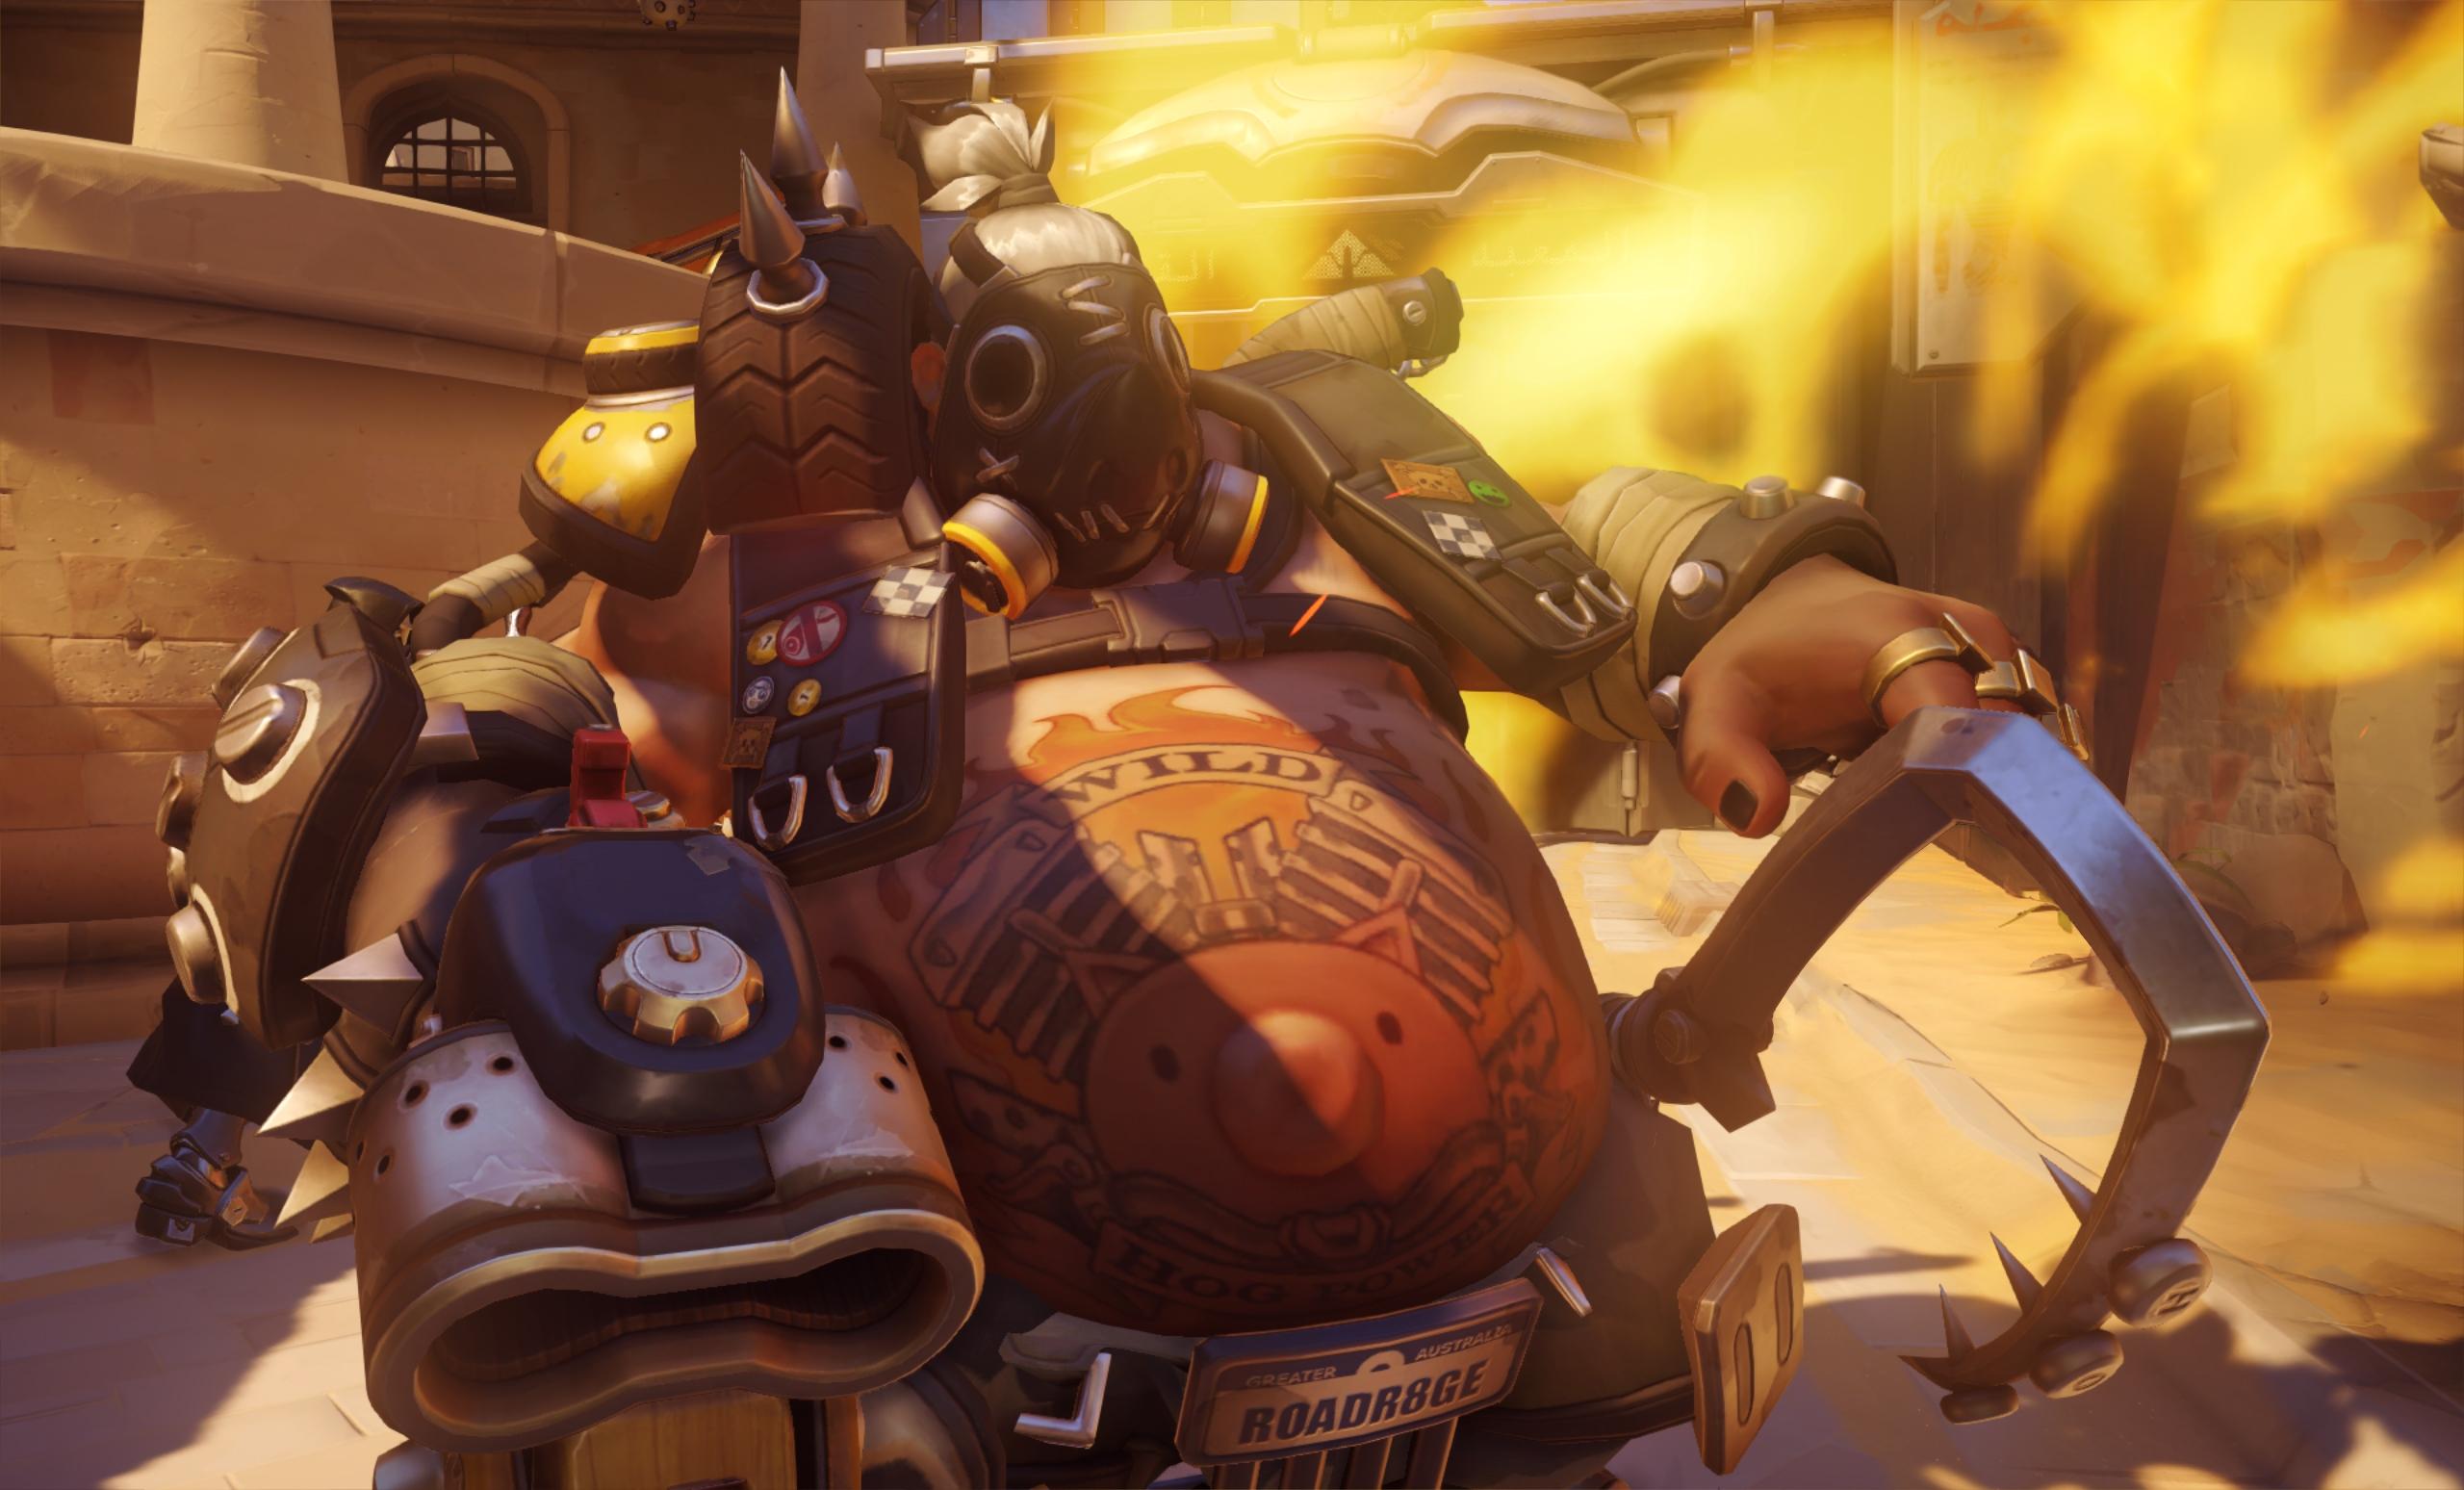 Nuevo parche de Overwatch arreglará héroes, rueda de comunicación y más